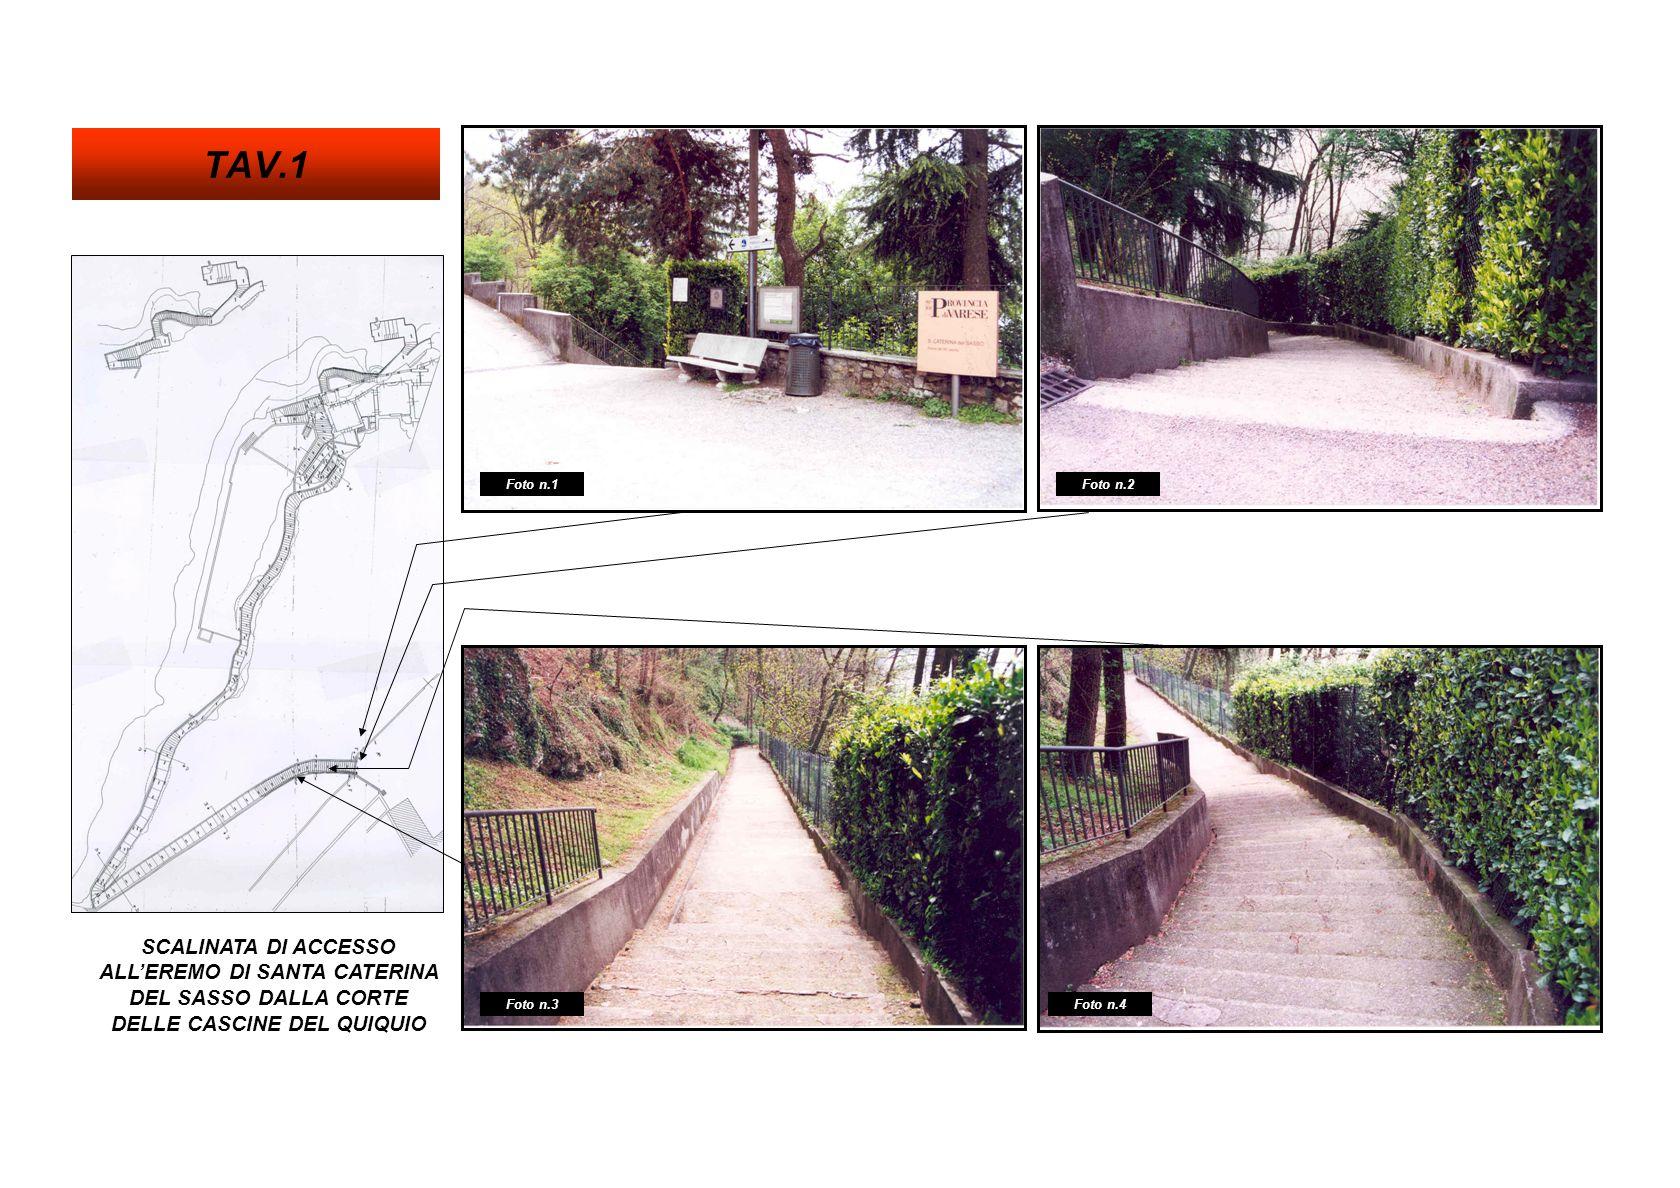 SCALINATA DI ACCESSO ALLEREMO DI SANTA CATERINA DEL SASSO DALLA CORTE DELLE CASCINE DEL QUIQUIO Foto n.41 Foto n.46Foto n.45 TAV.12